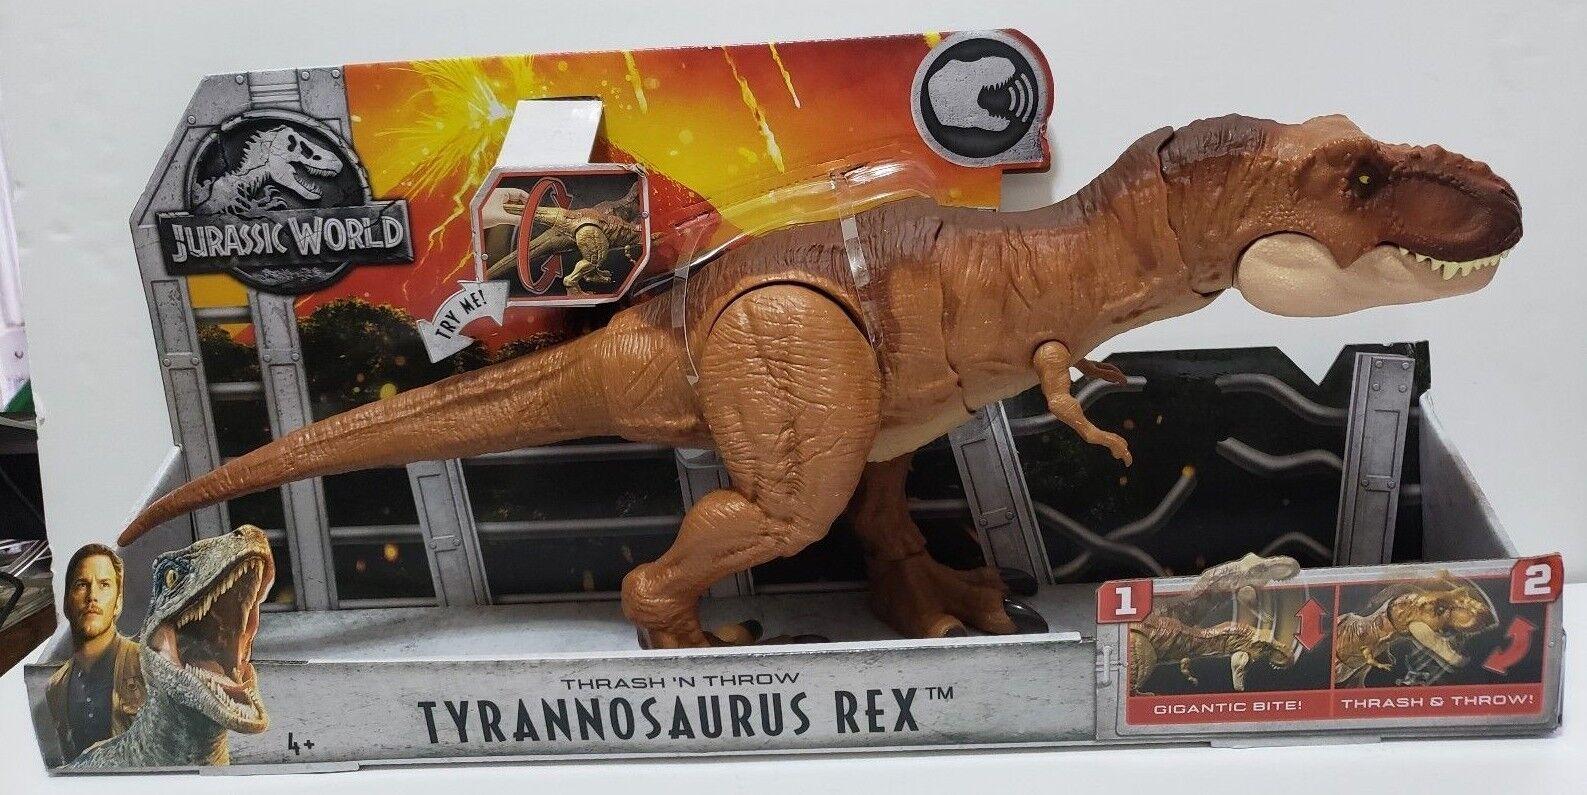 Jurassic World Thrash N Throw T-rex Jurrassic World  Mattel 2018  ci sono più marche di prodotti di alta qualità